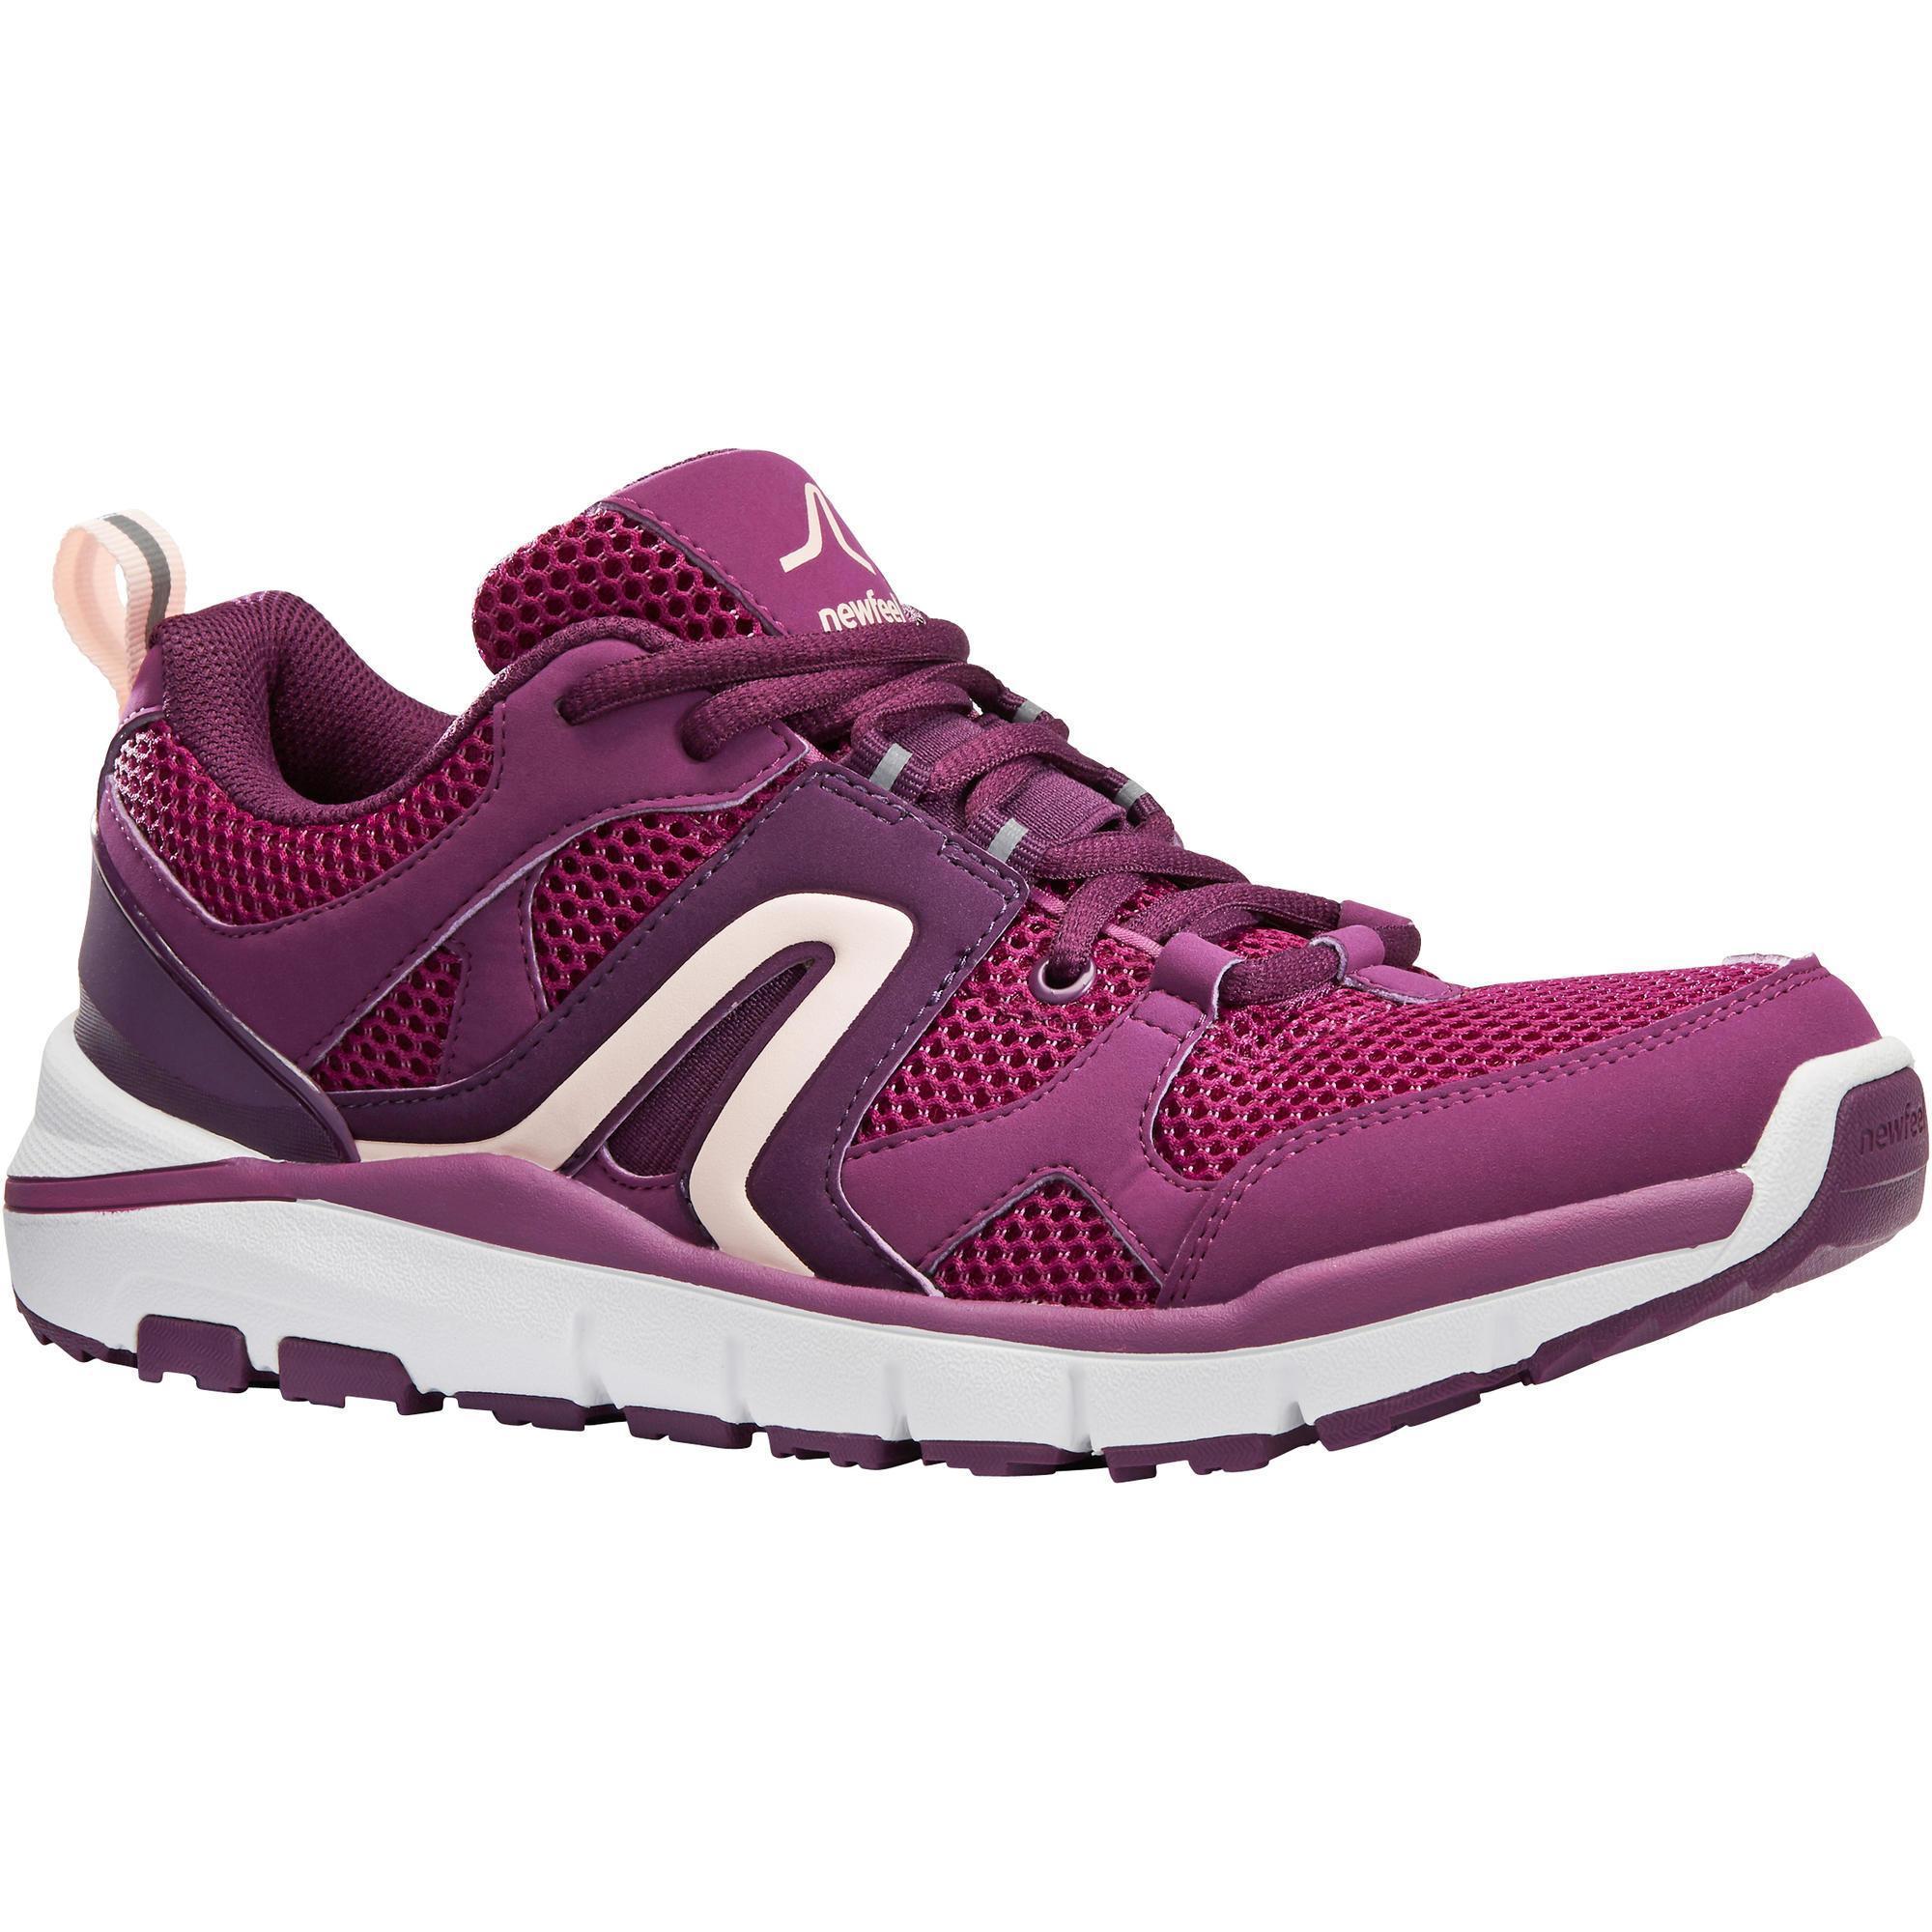 Newfeel Chaussures marche sportive femme HW 500 Mesh violet - Newfeel